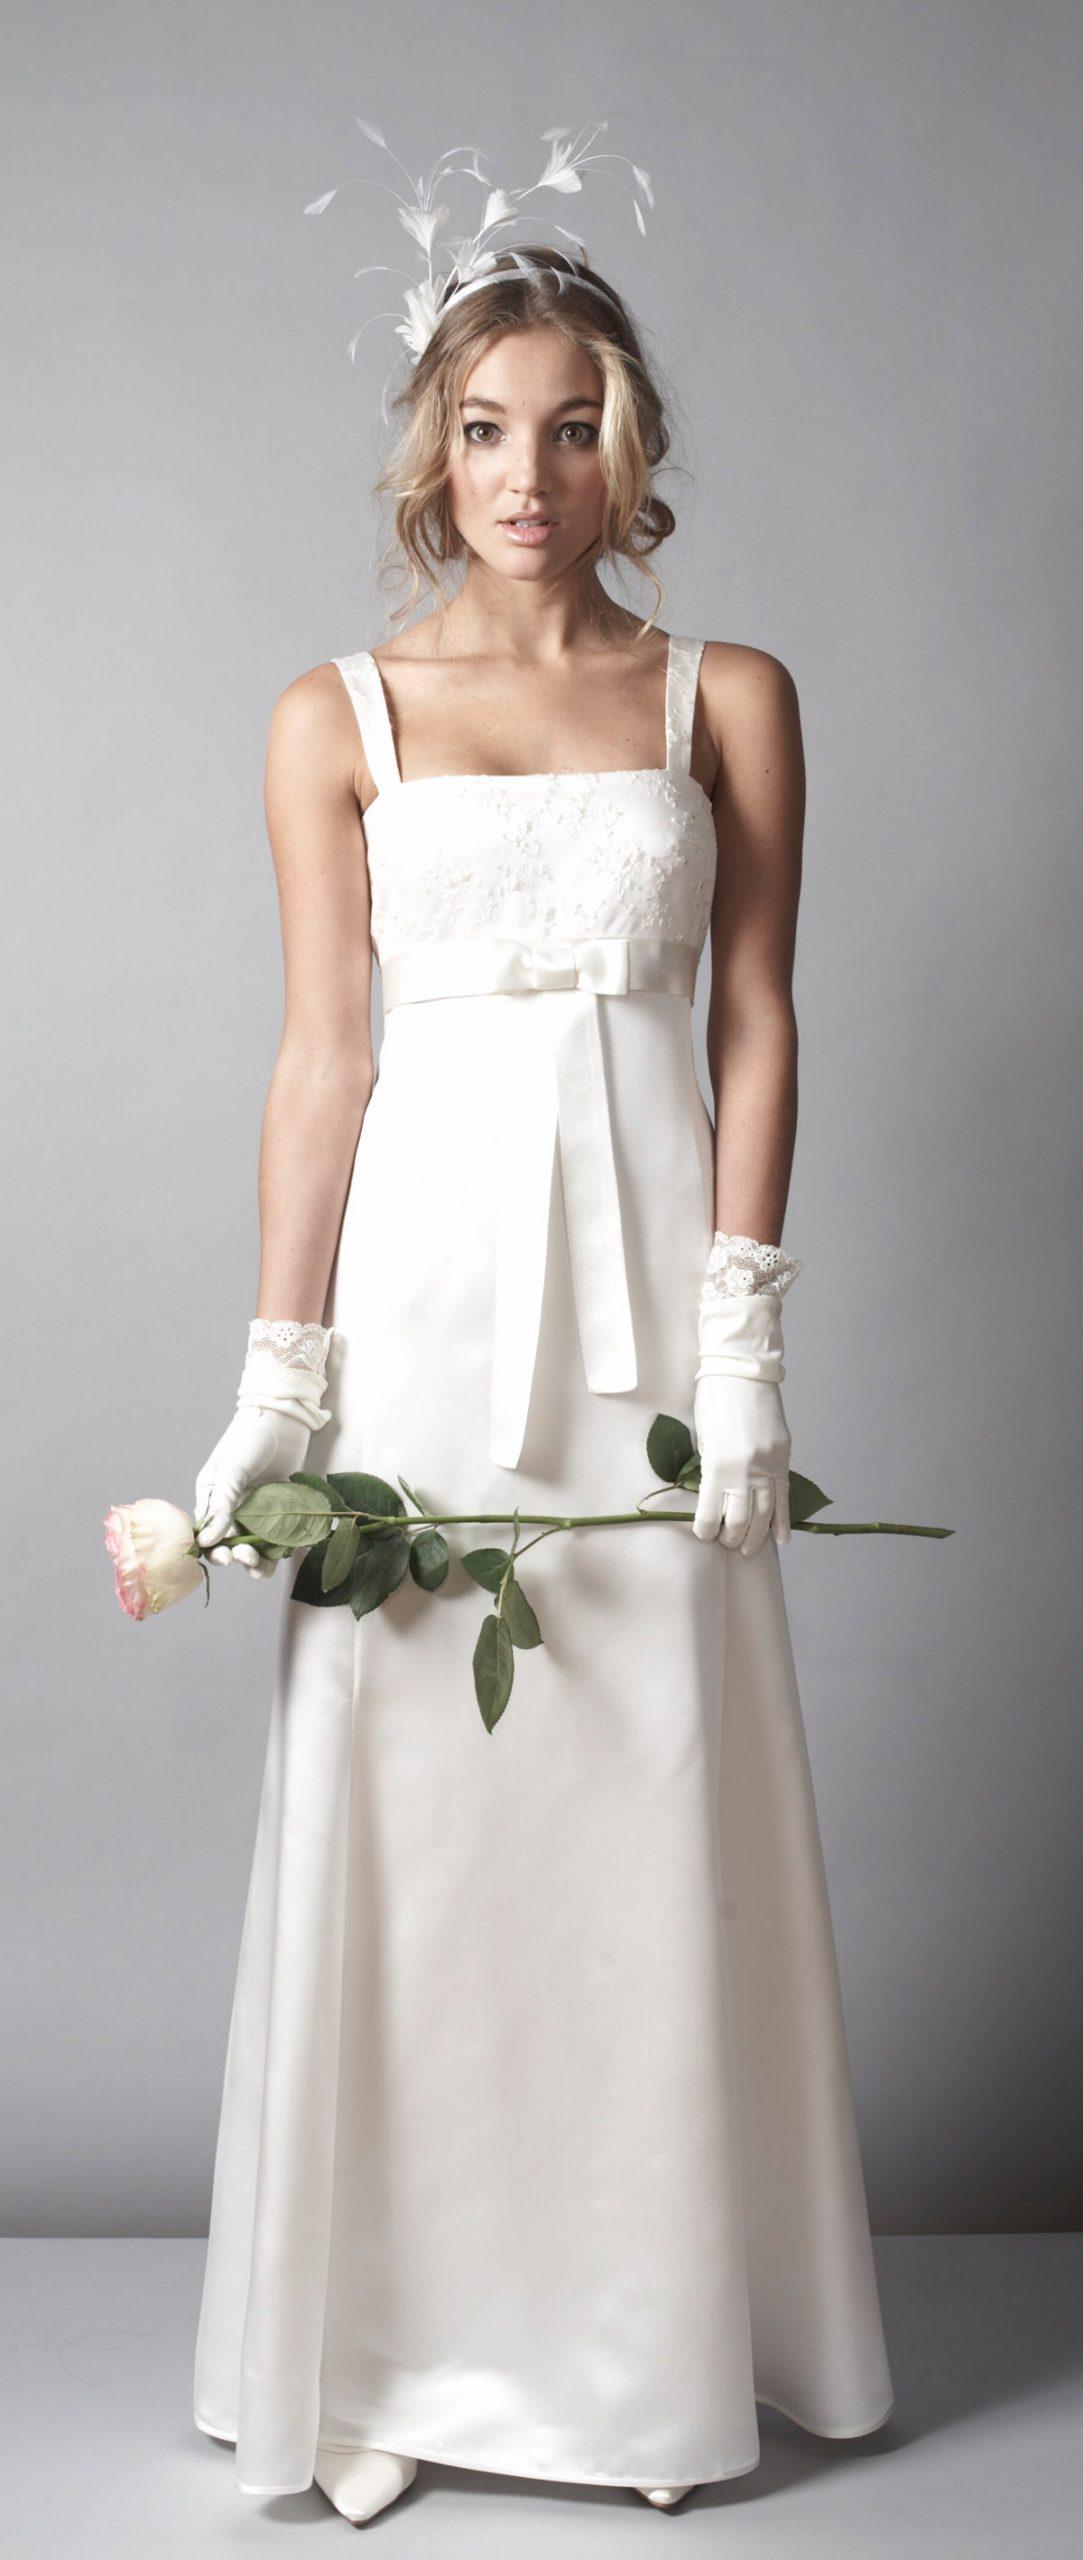 Anfertigung von Hüten und Kopfschmuck für Hochzeiten und Festliches